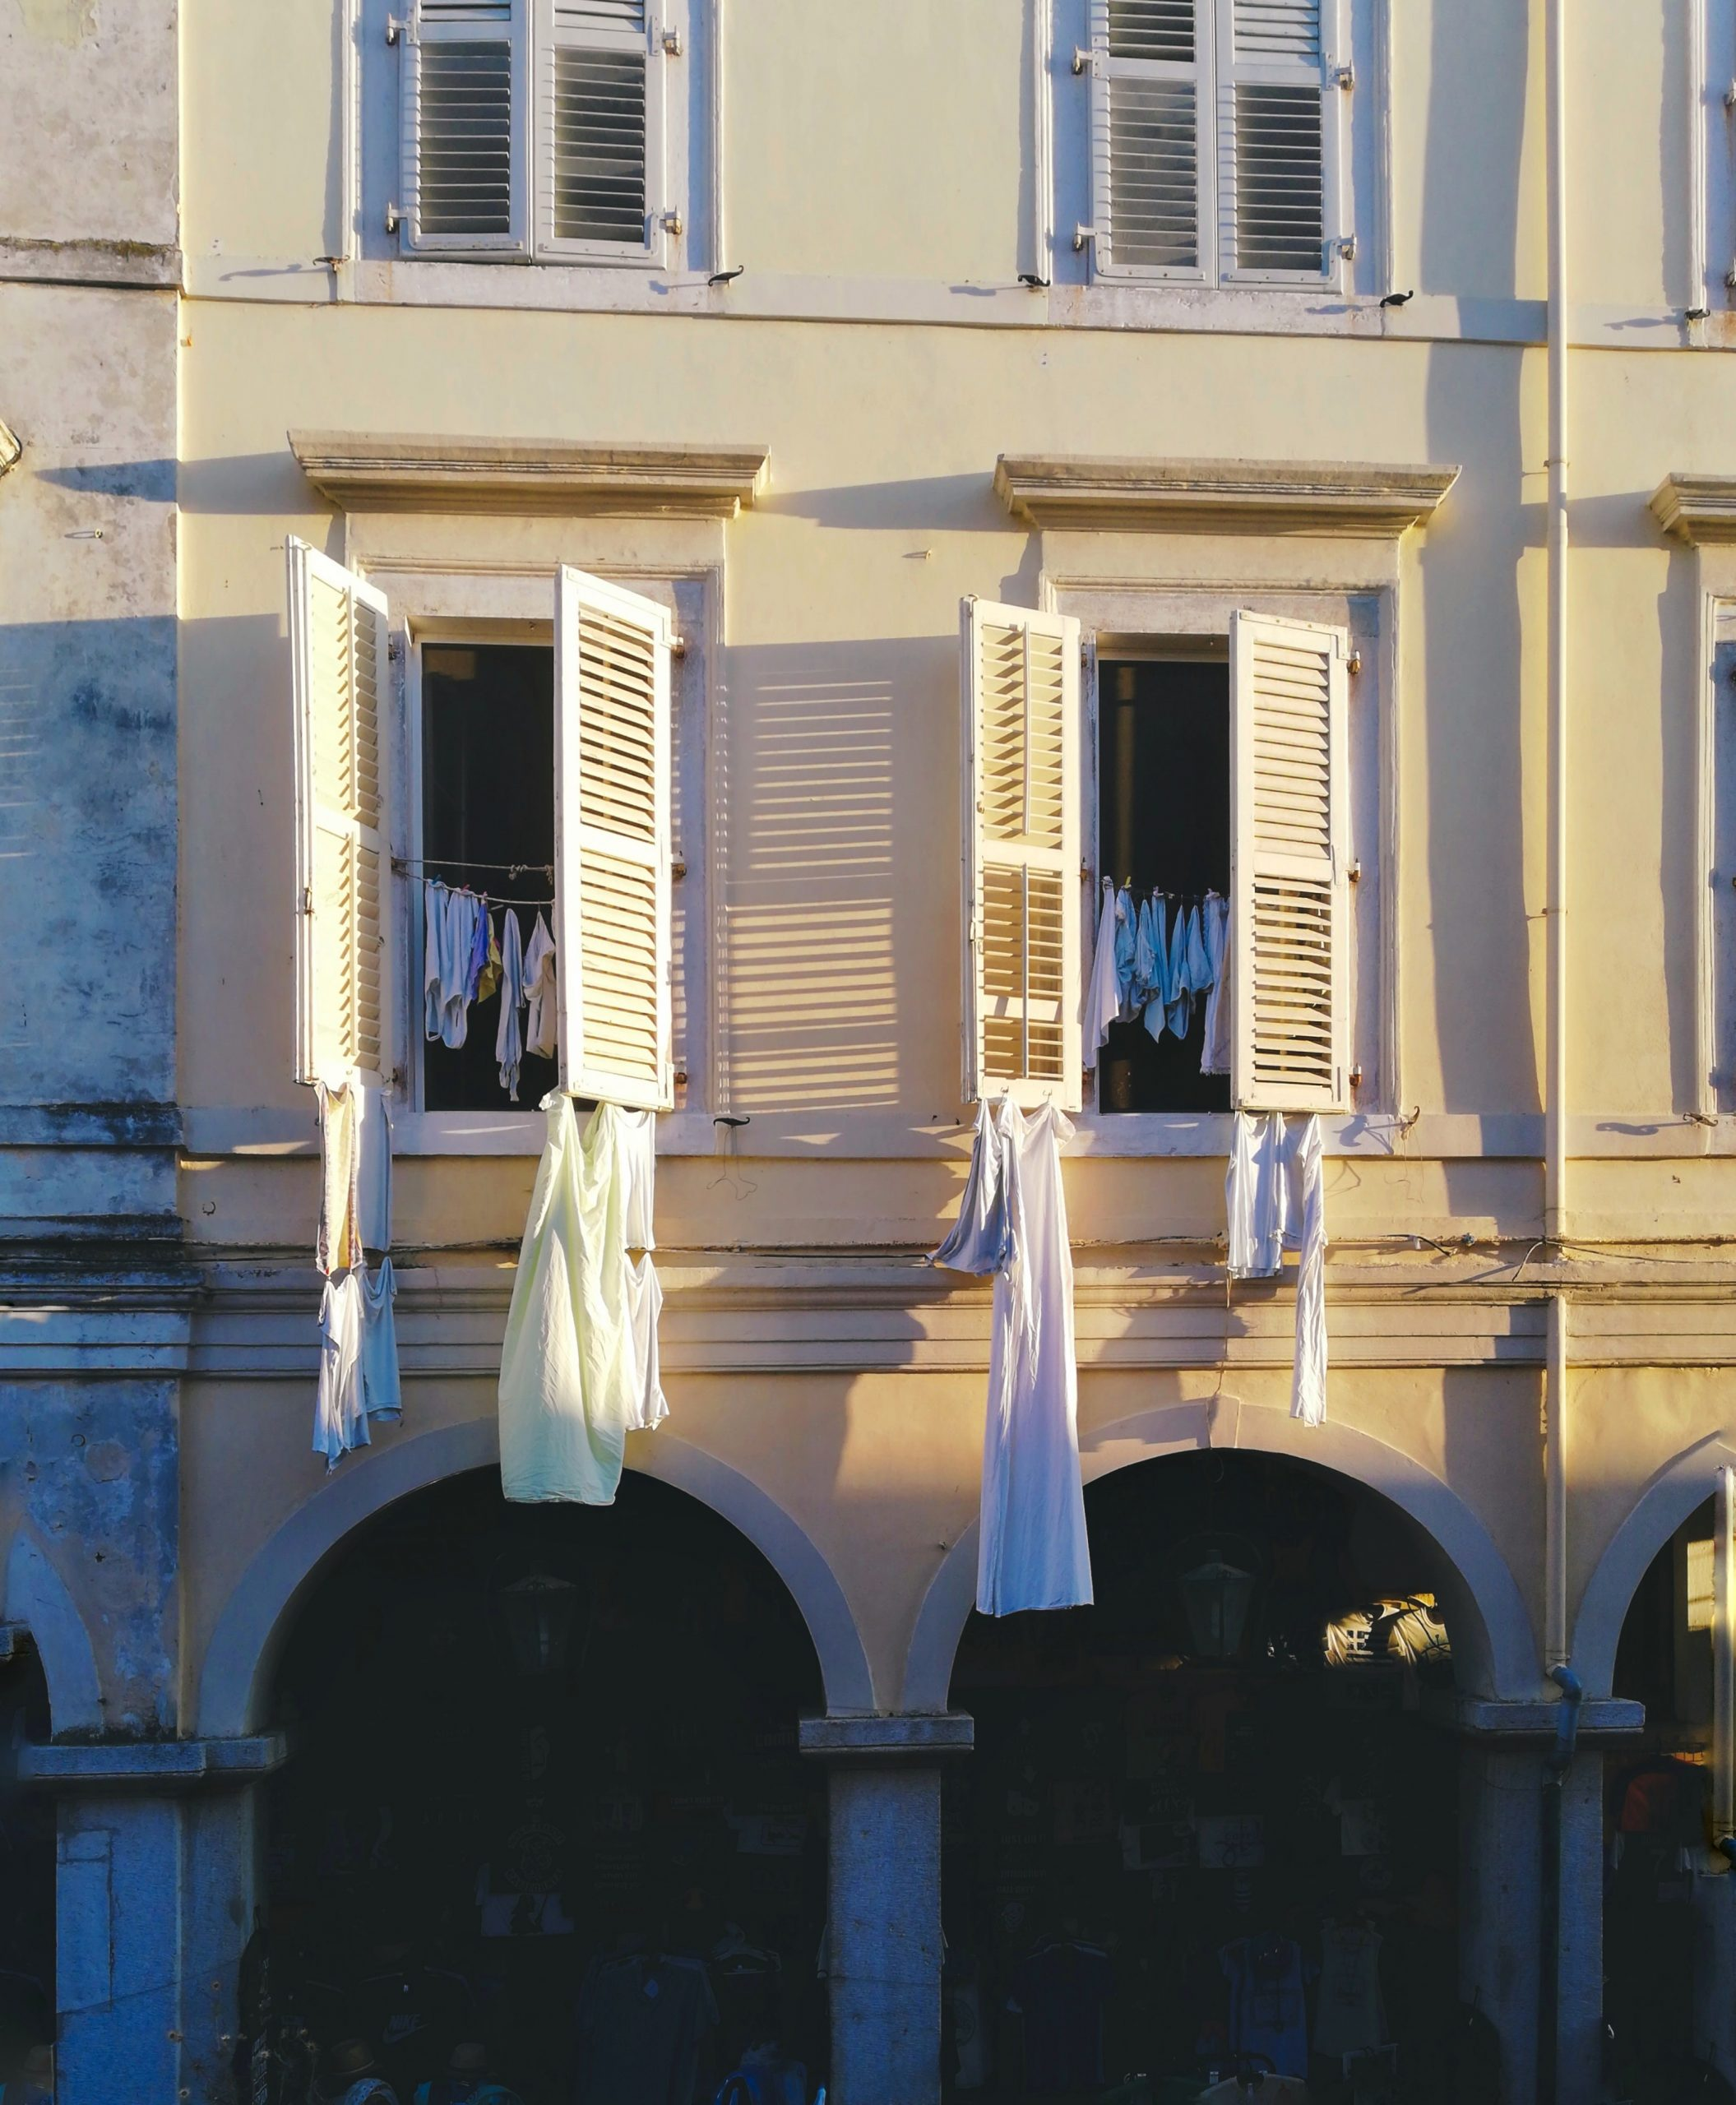 Linge qui sèche à la fenêtre